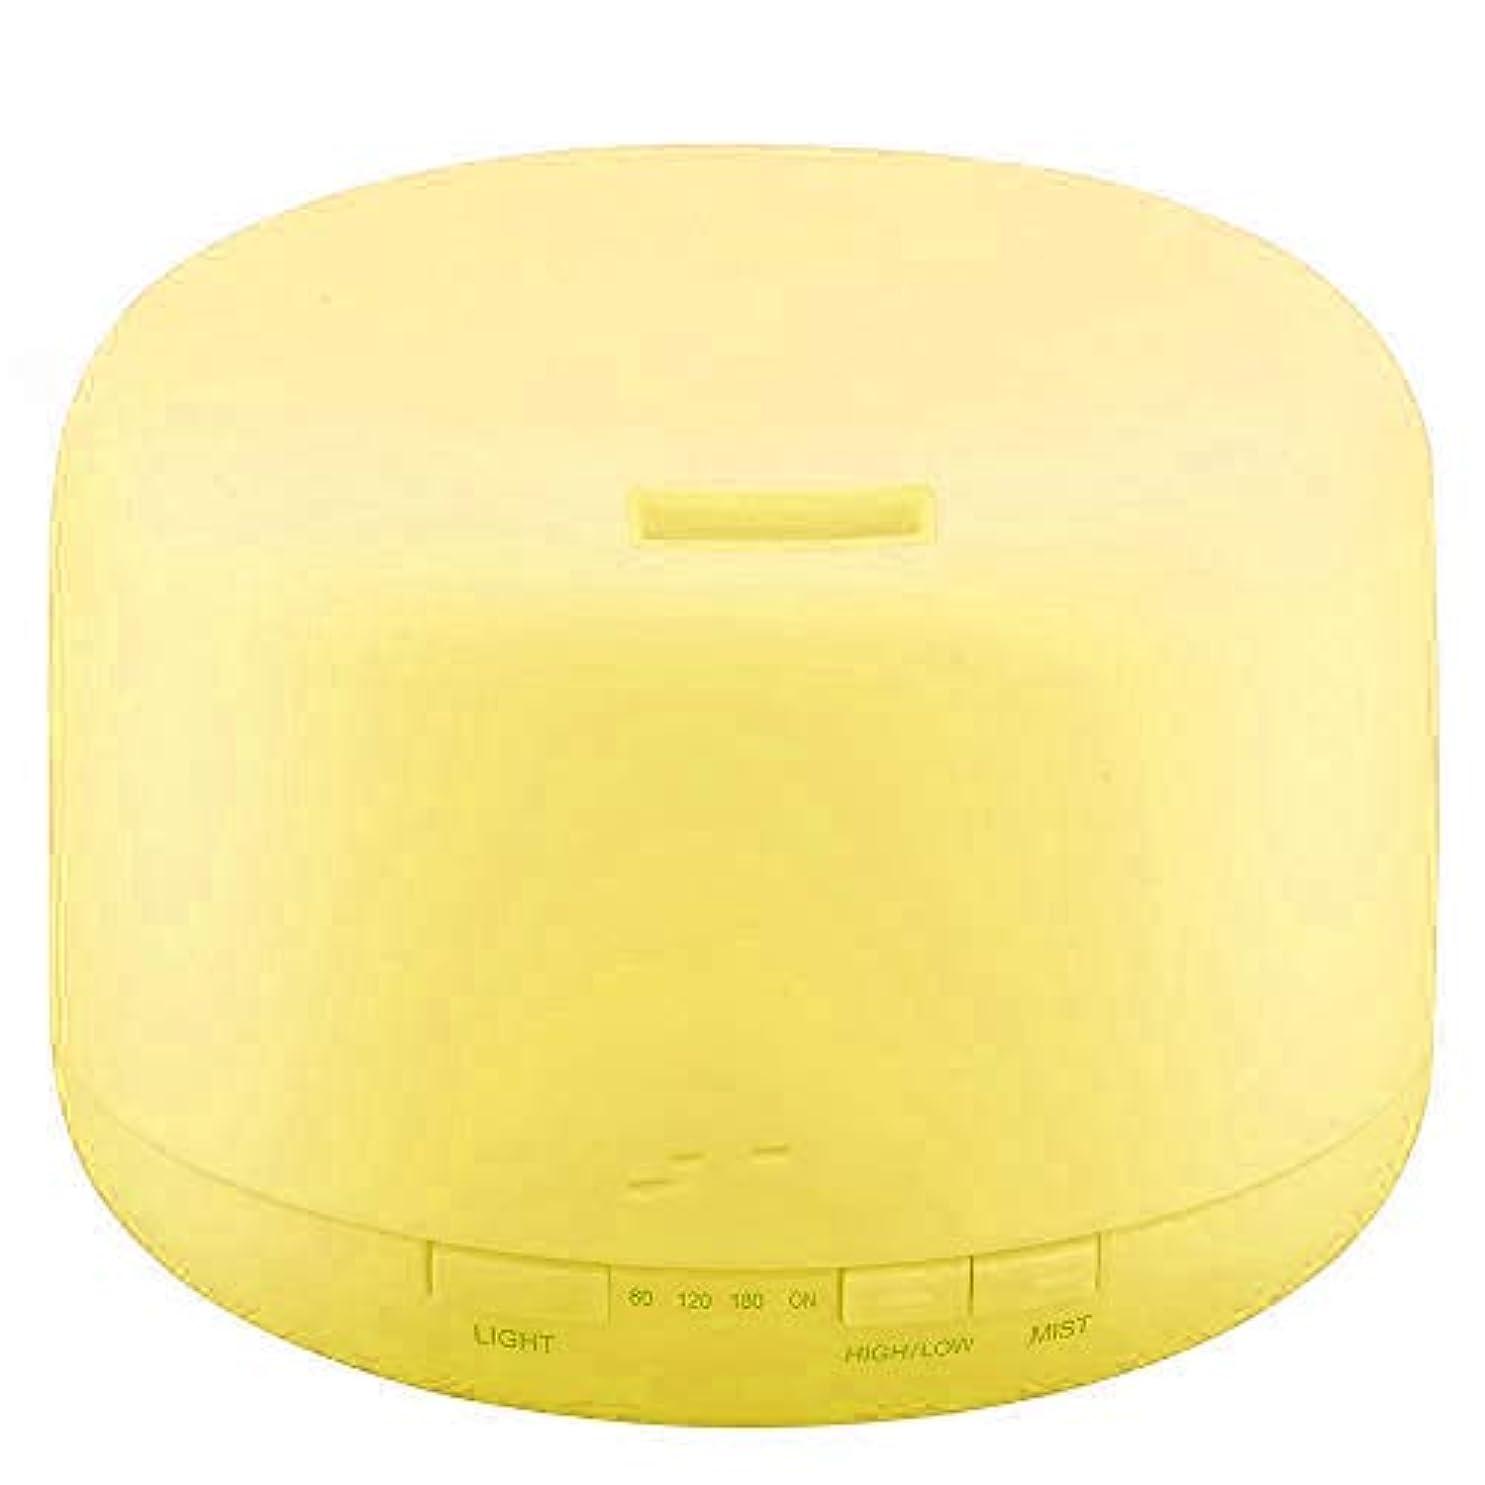 利得タンザニア熟読URPOWER 300 ml Aromatherapy Essential Oil Diffuser with 4タイマー設定とWaterless自動遮断 300ml OD13